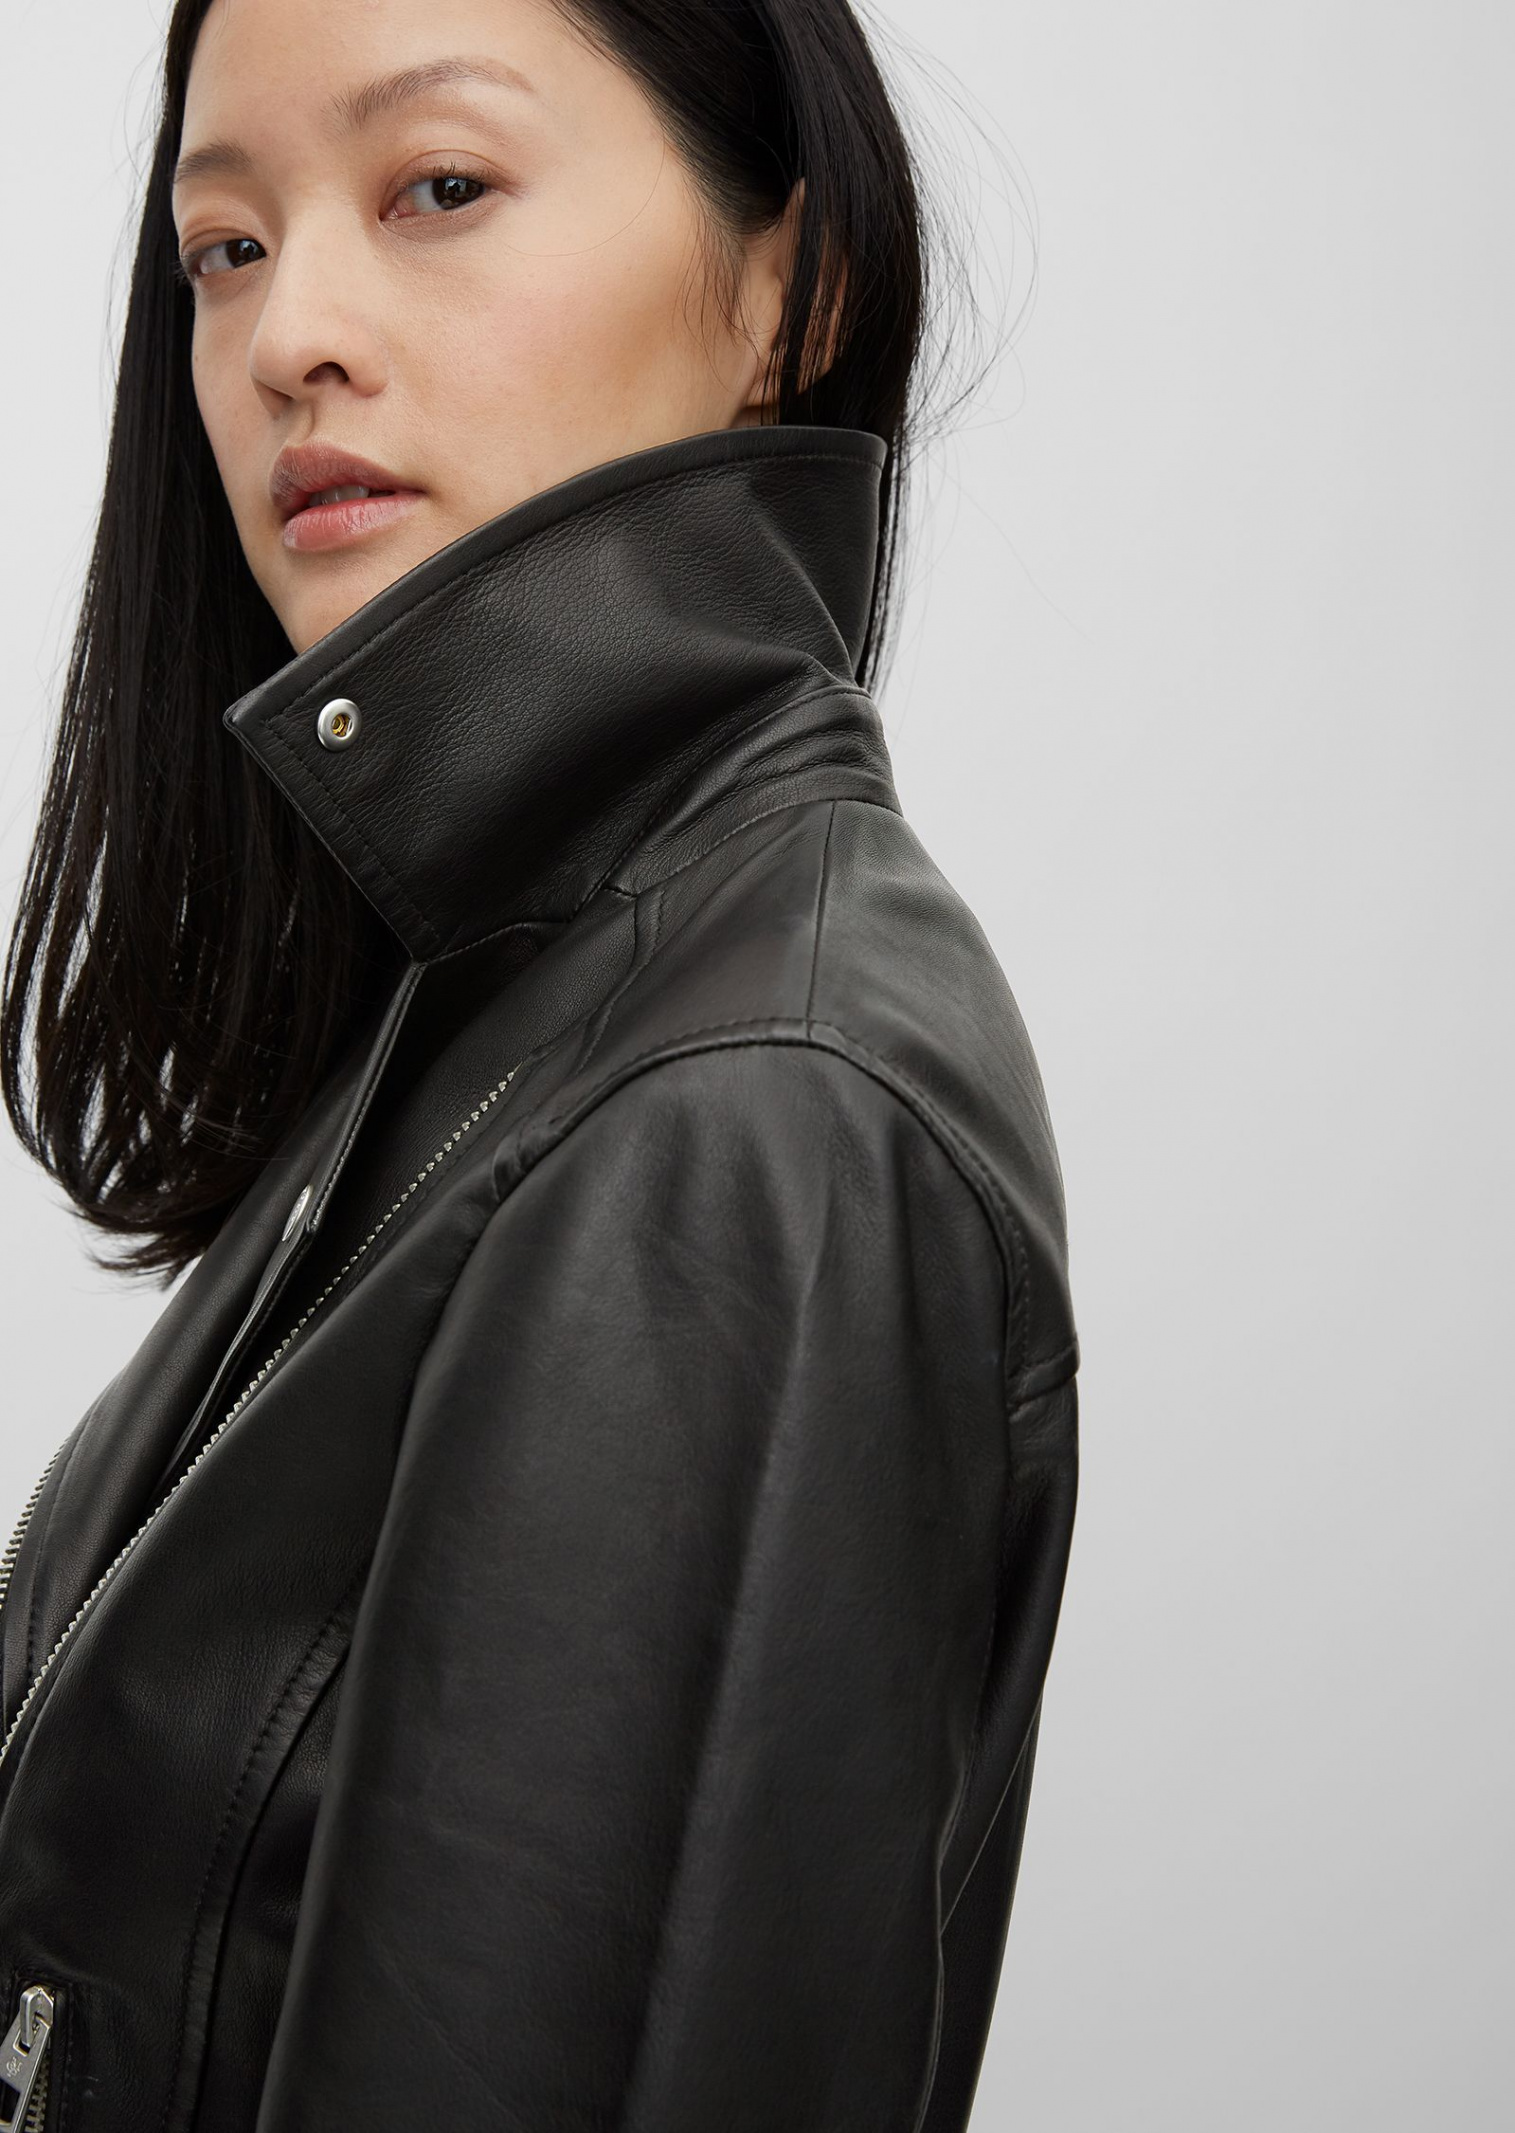 Куртка женские MARC O'POLO модель PD709 отзывы, 2017